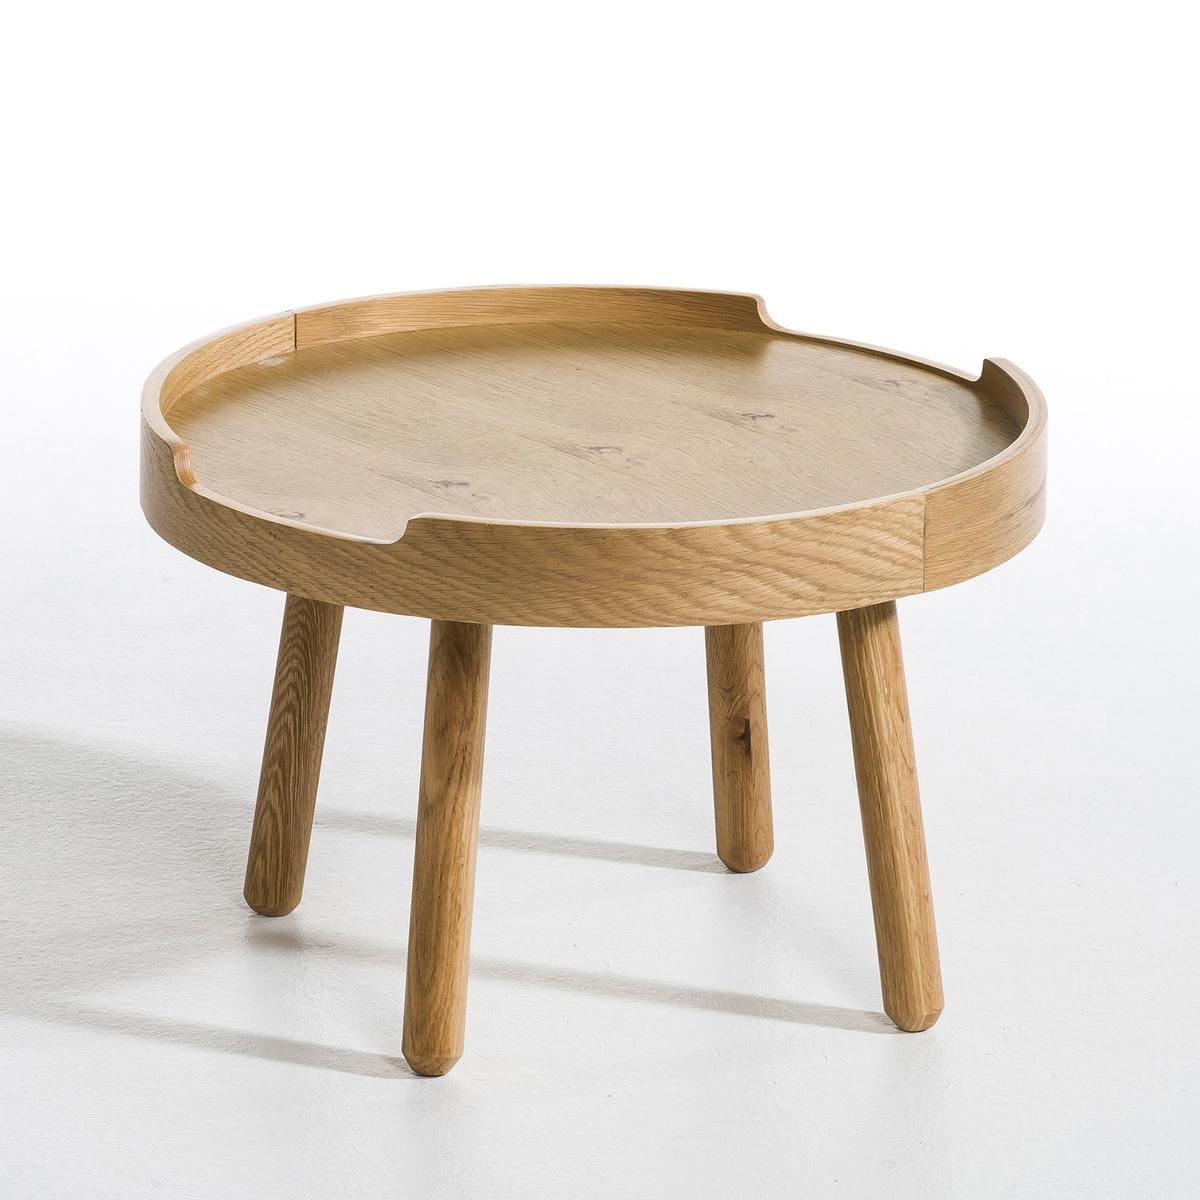 Стол журнальный со съемной столешницей, VisbyСтолик журнальный Visby. Практичный благодаря съемной столешнице, этот журнальный столик представлен в 3 вариантах по высоте  .Характеристики :Столешница из бука, шпон из дуба.Ножки из массива дуба.Размеры :Размер S : ?45 x В. 29 см.Размер M : ?45 x В. 35 см.Размер L : ?45 x В. 69 см.<br><br>Цвет: серо-бежевый<br>Размер: S